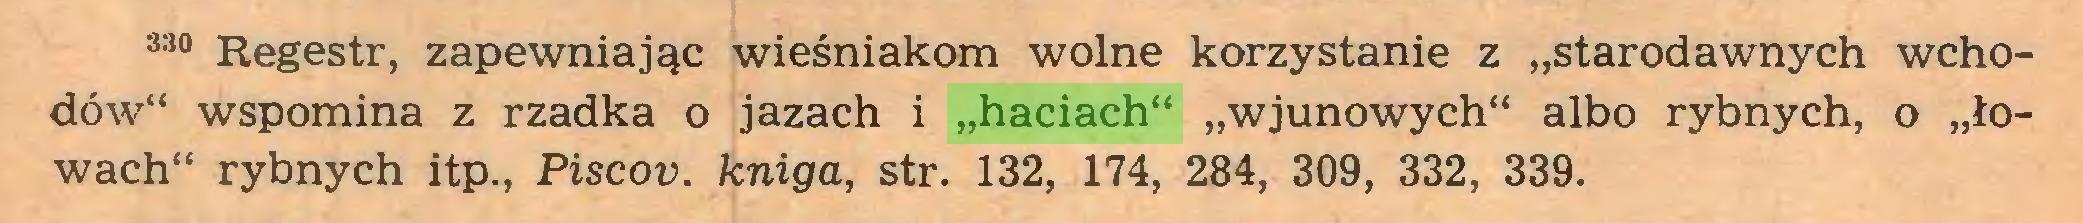 """(...) 33° Regestr, zapewniając wieśniakom wolne korzystanie z """"starodawnych wchodów"""" wspomina z rzadka o jazach i """"haciach"""" """"wjunowych"""" albo rybnych, o """"łowach"""" rybnych itp., Piscov. kniga, str. 132, 174, 284, 309, 332, 339..."""